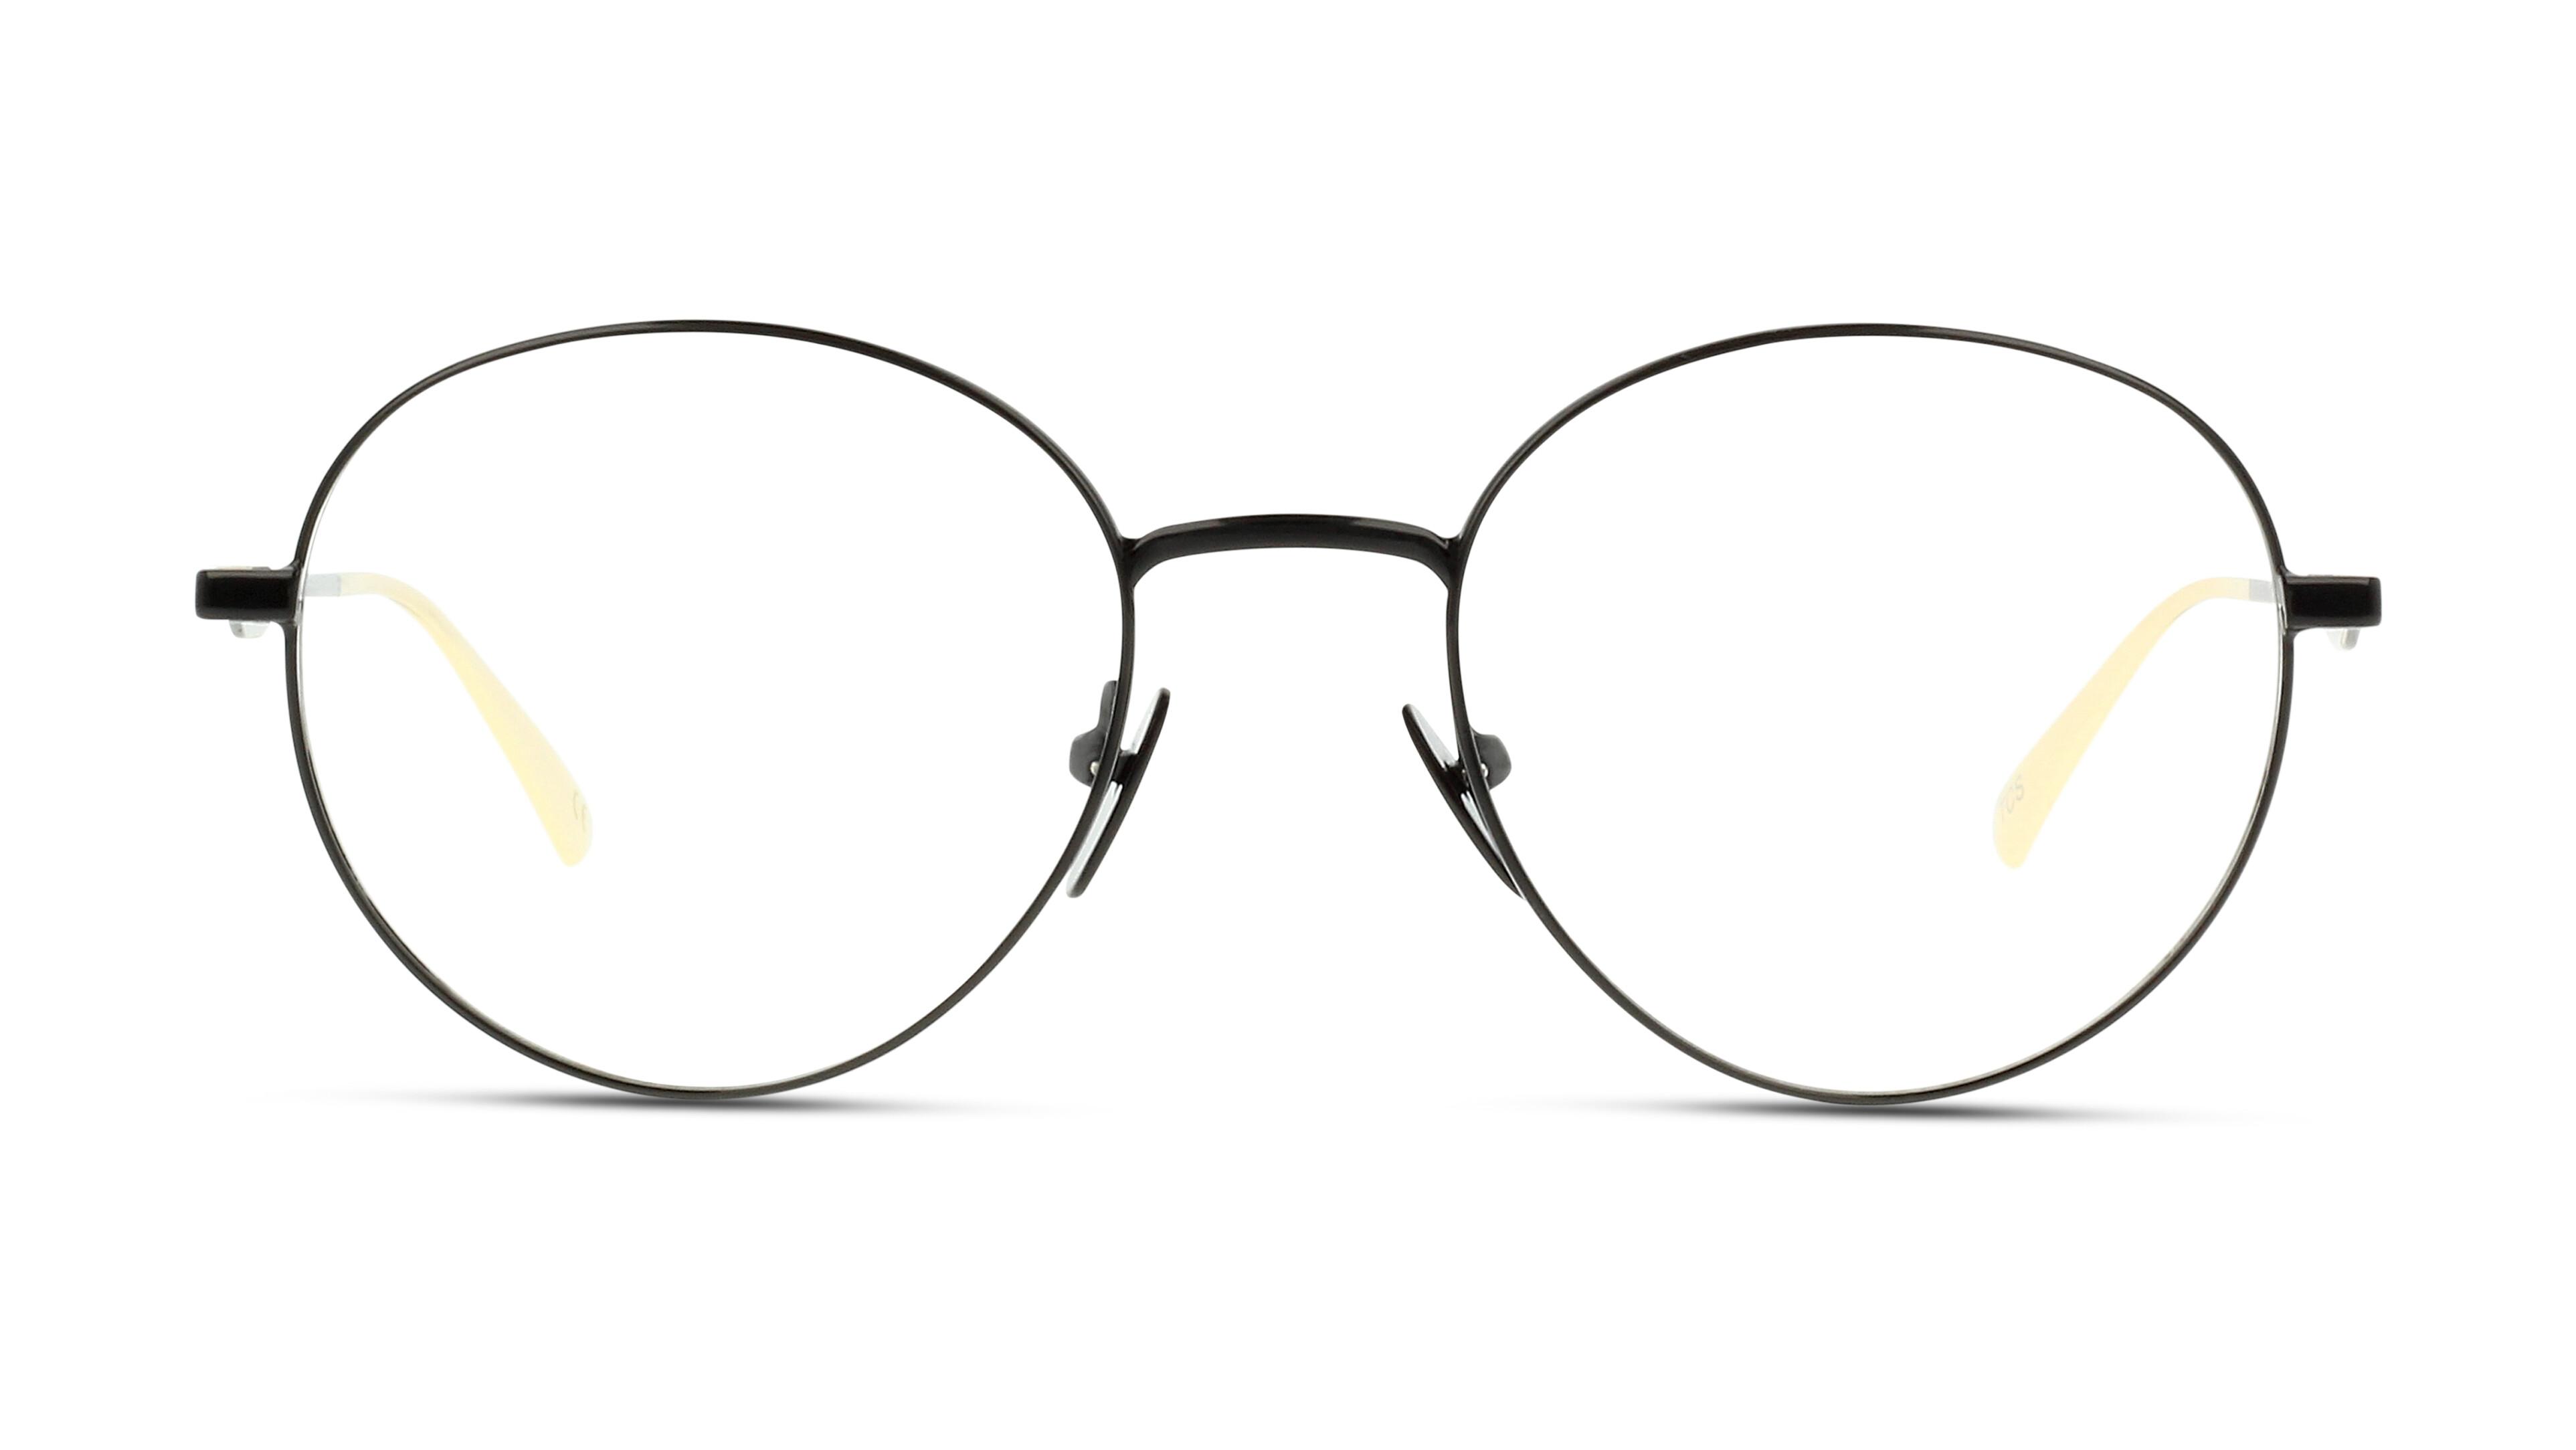 8056376261356-front-brillenfassung-gucci-gg0337o-black-black-transparent